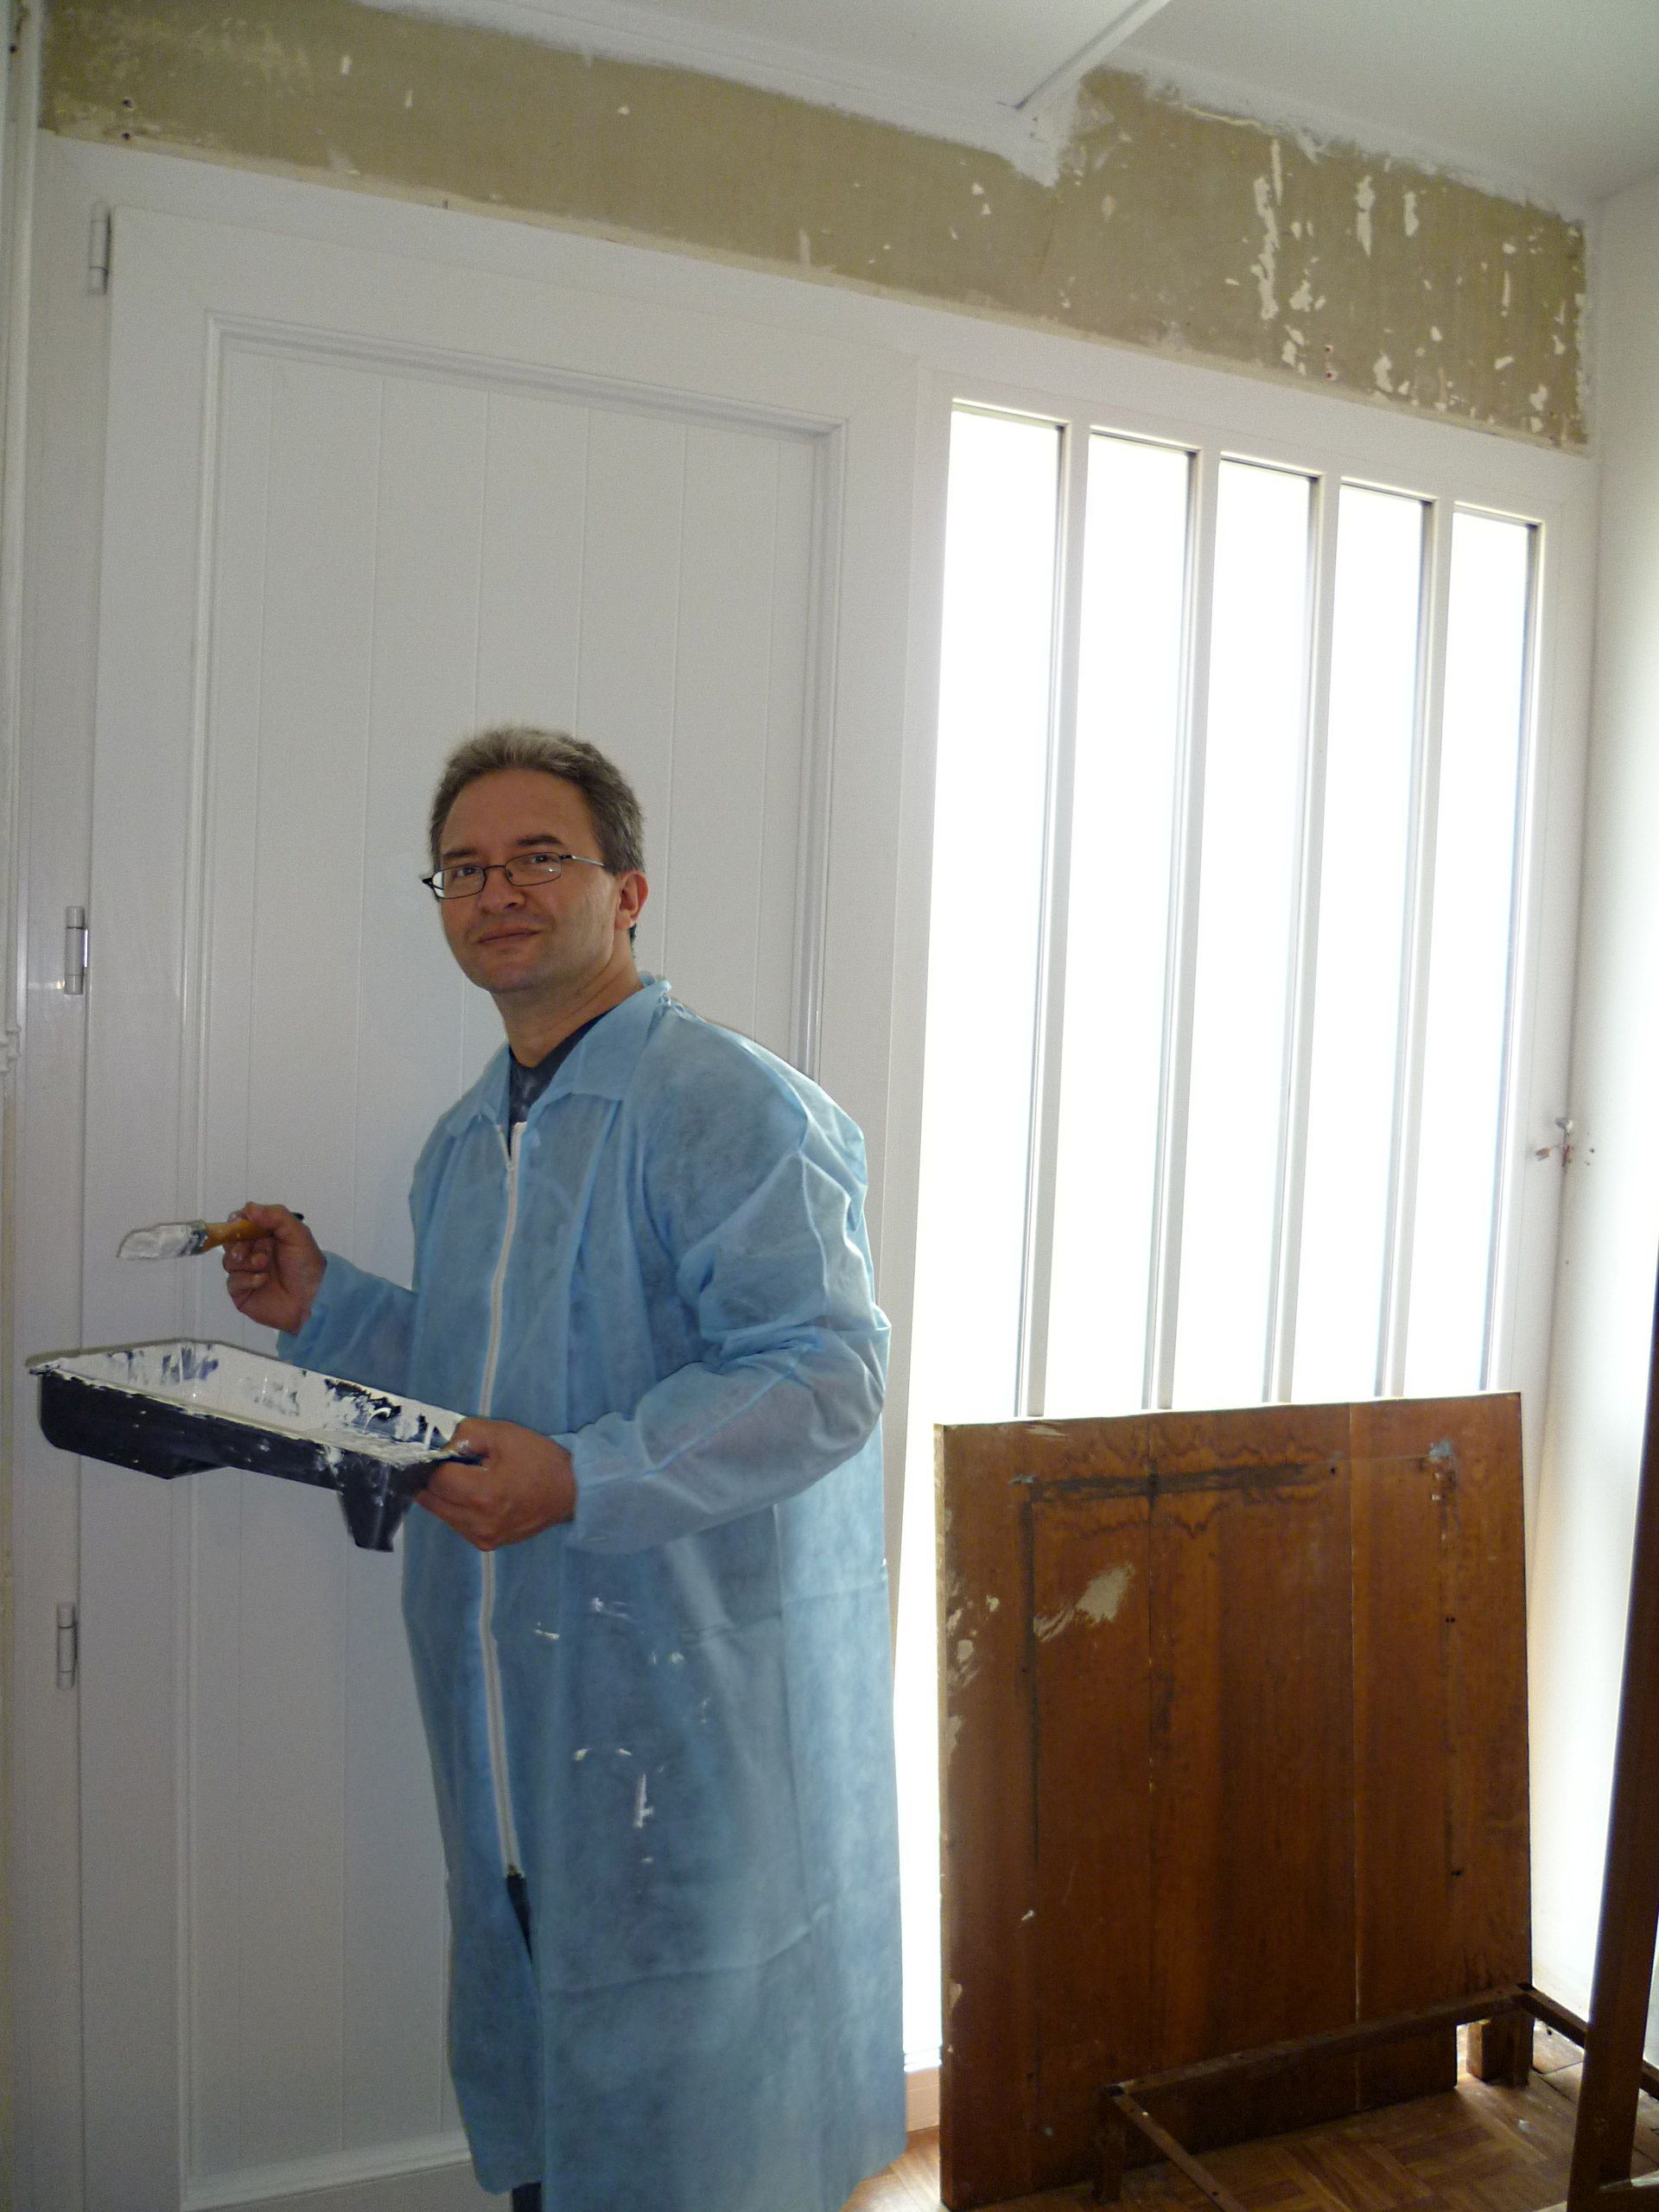 Peinture int rieure maison 2 for Peinture interieure maison